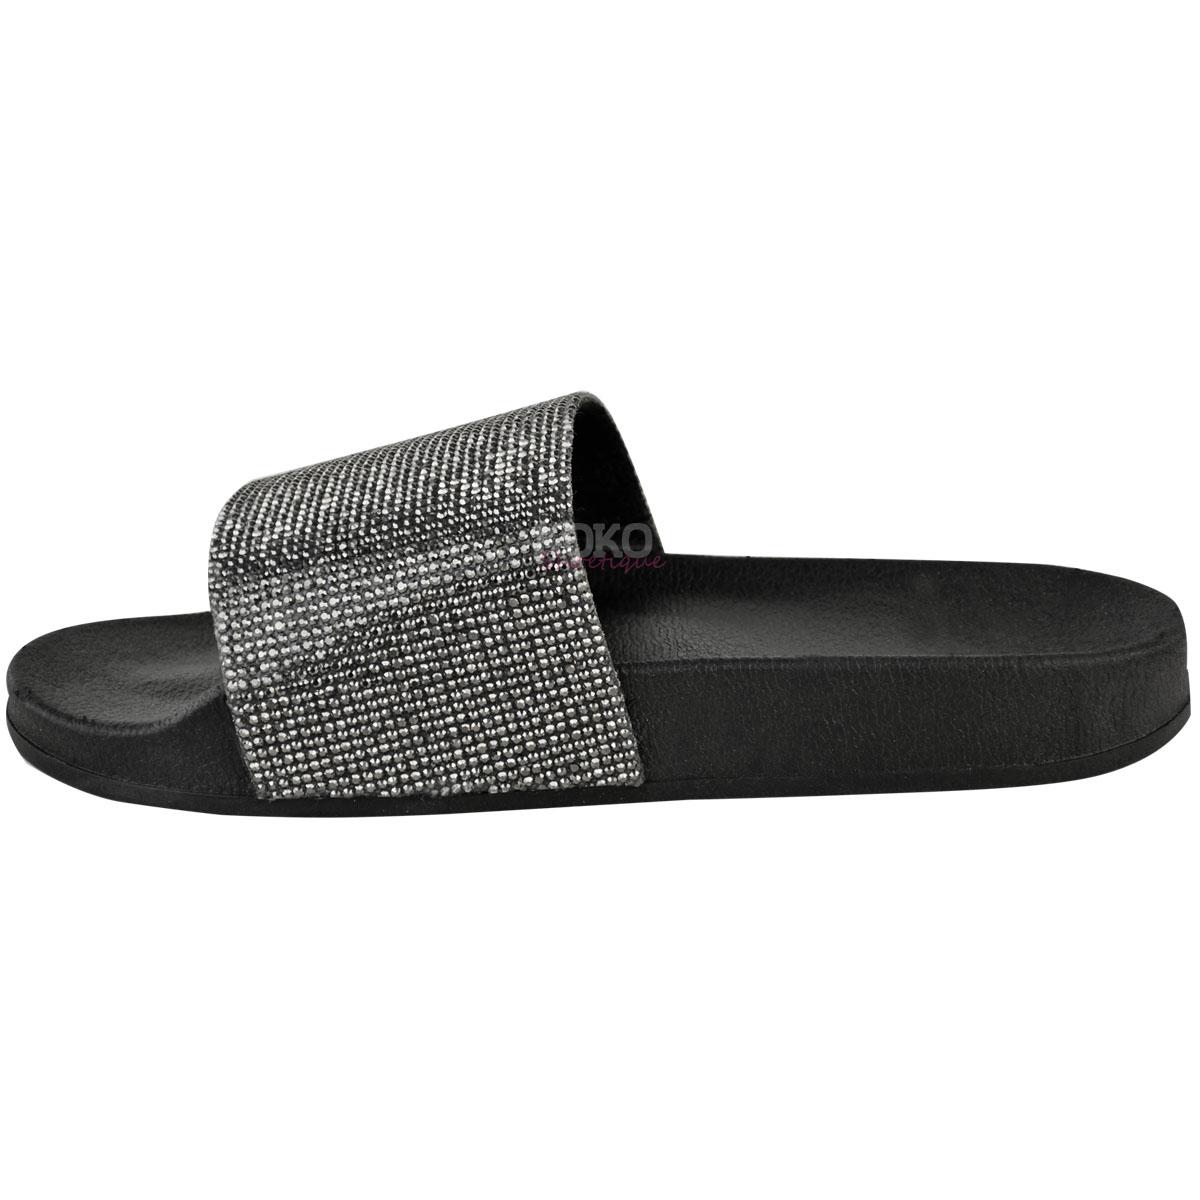 Ladies Diamante Shoes Uk